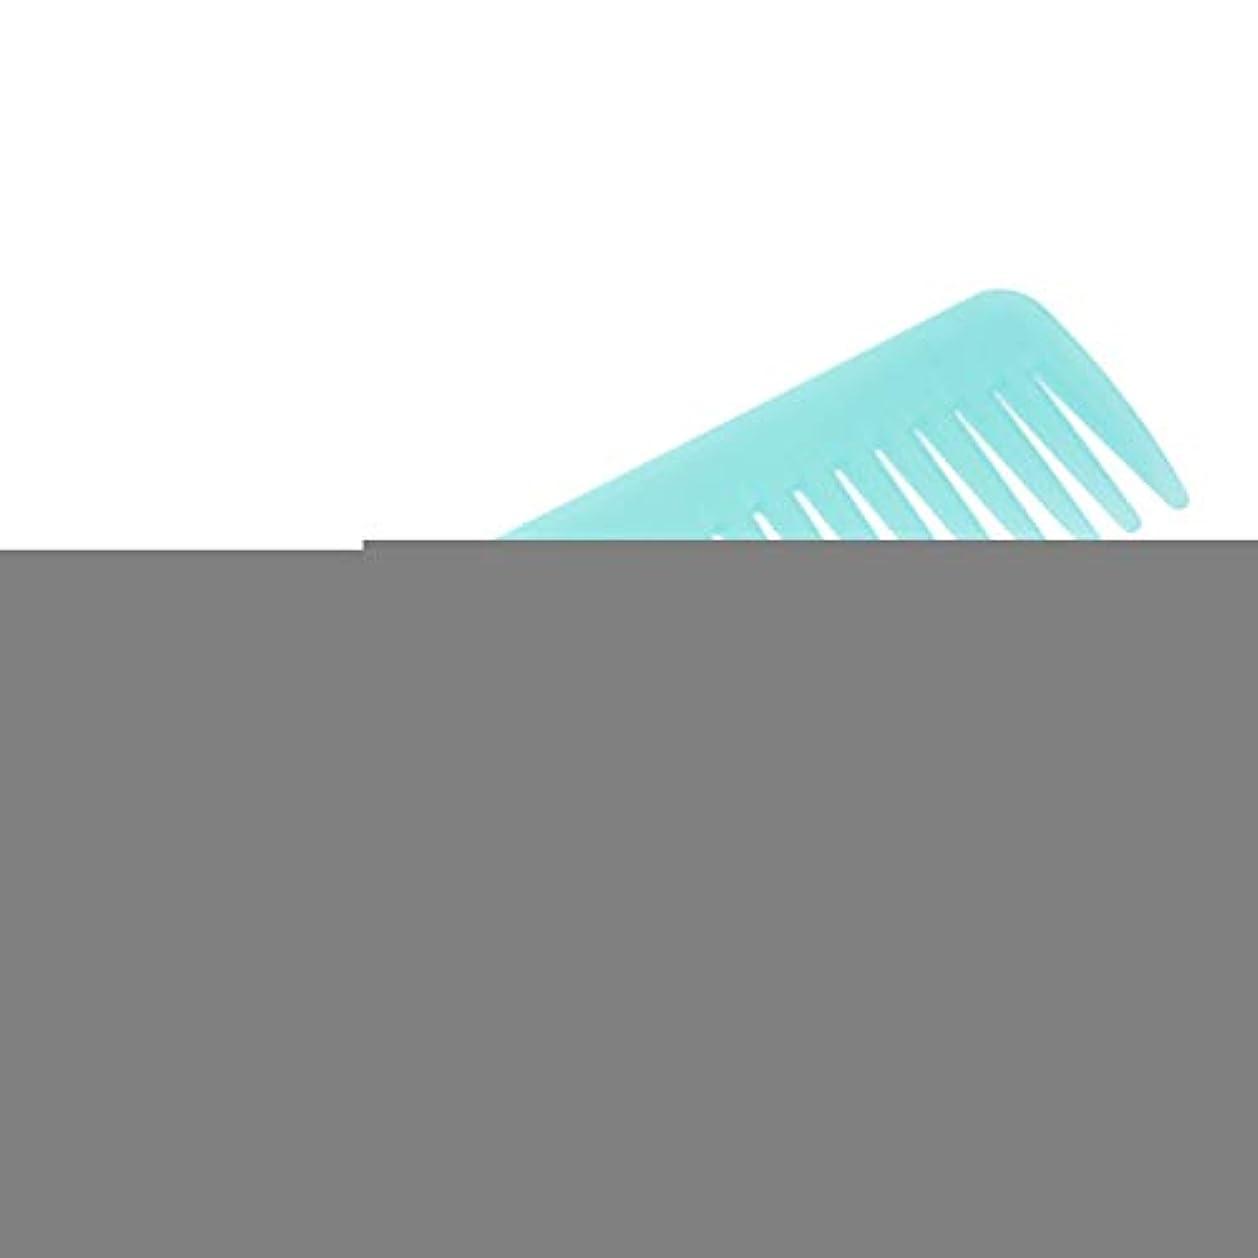 障害者後ろ、背後、背面(部しつけプロの髪のくしゃくしゃヘアーコンディションの櫛幅のあるヘアブラシ - A